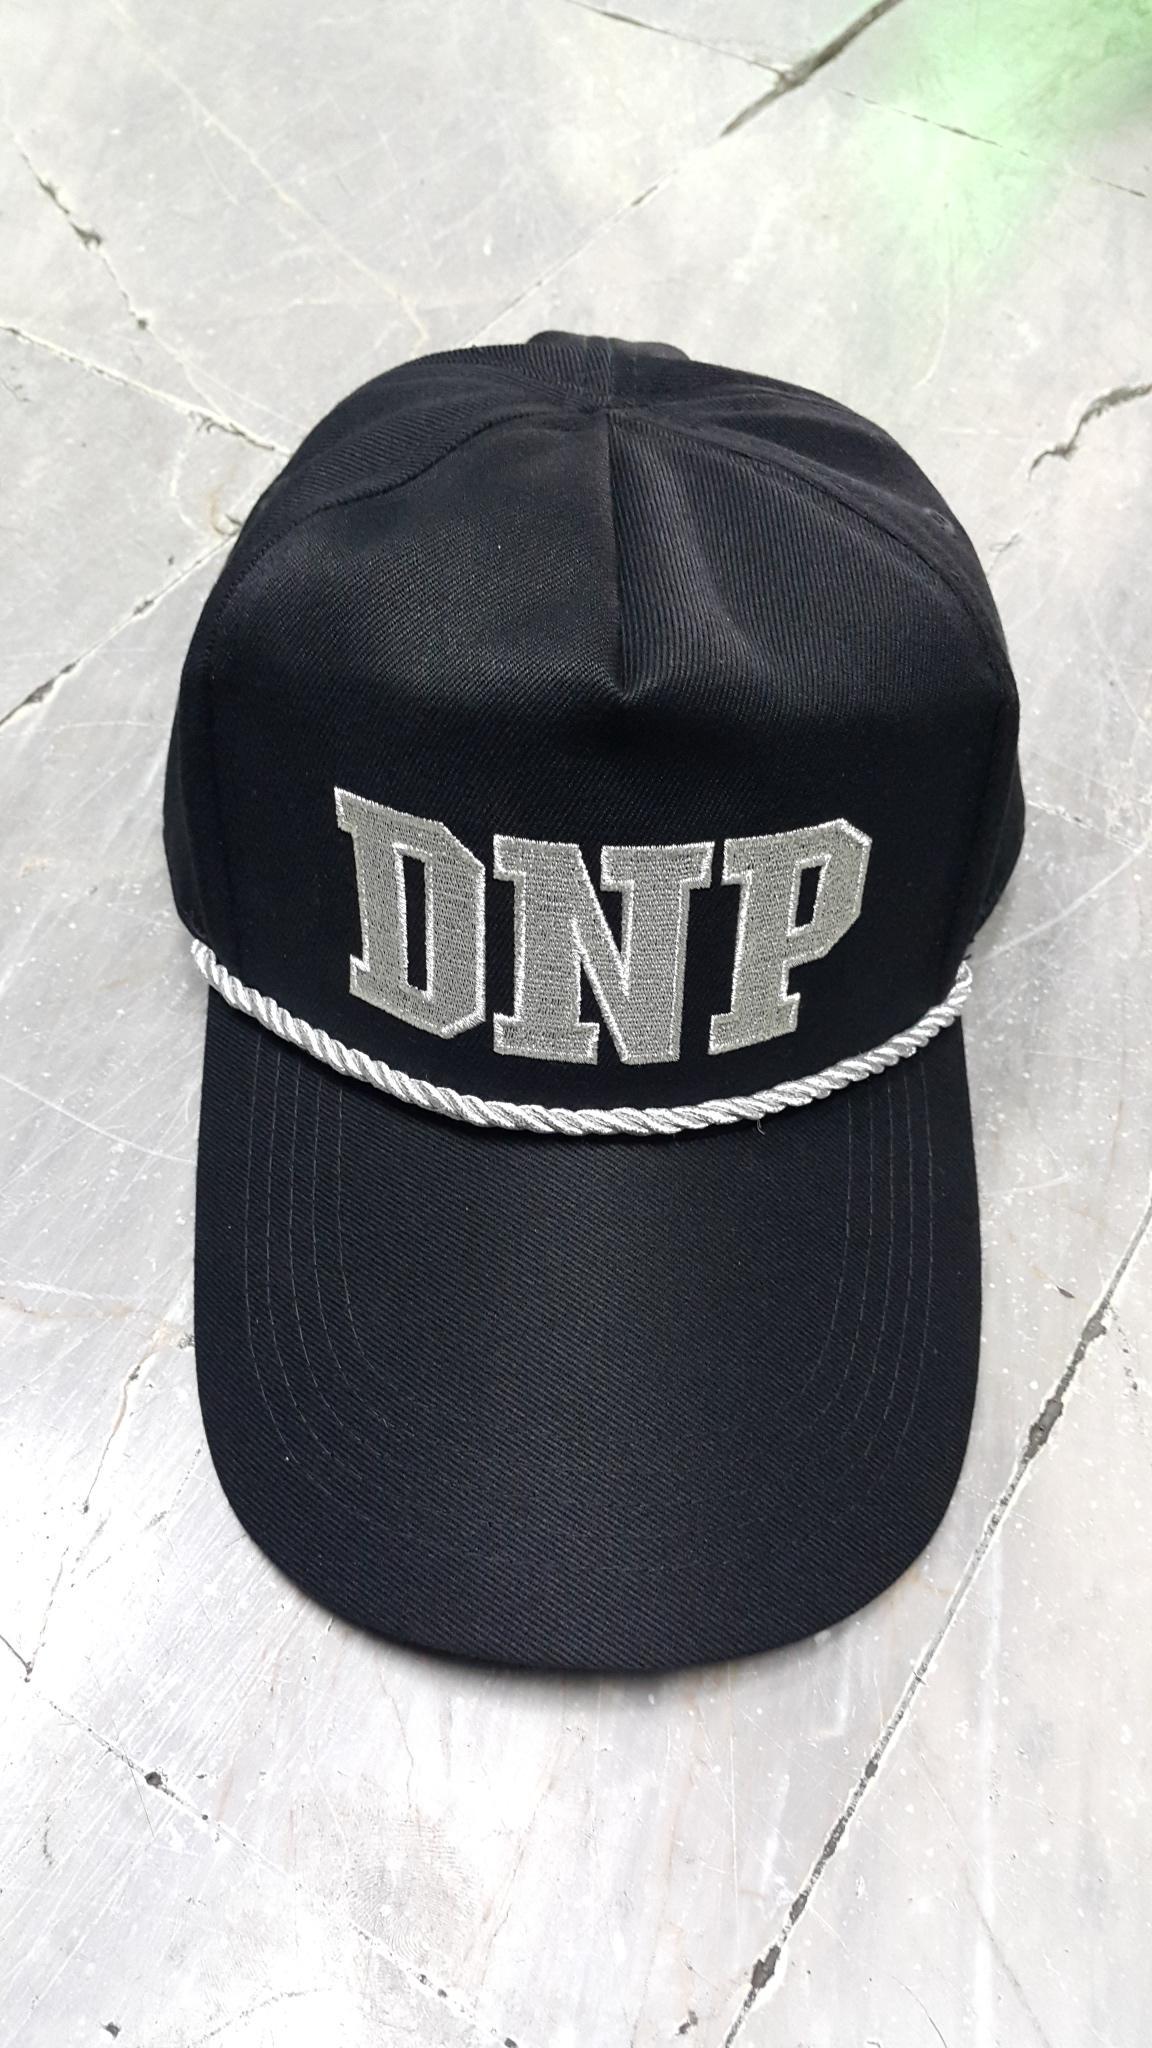 หมวกแก็ปซิปหลัง DNP เชือก ดิ้นเงิน